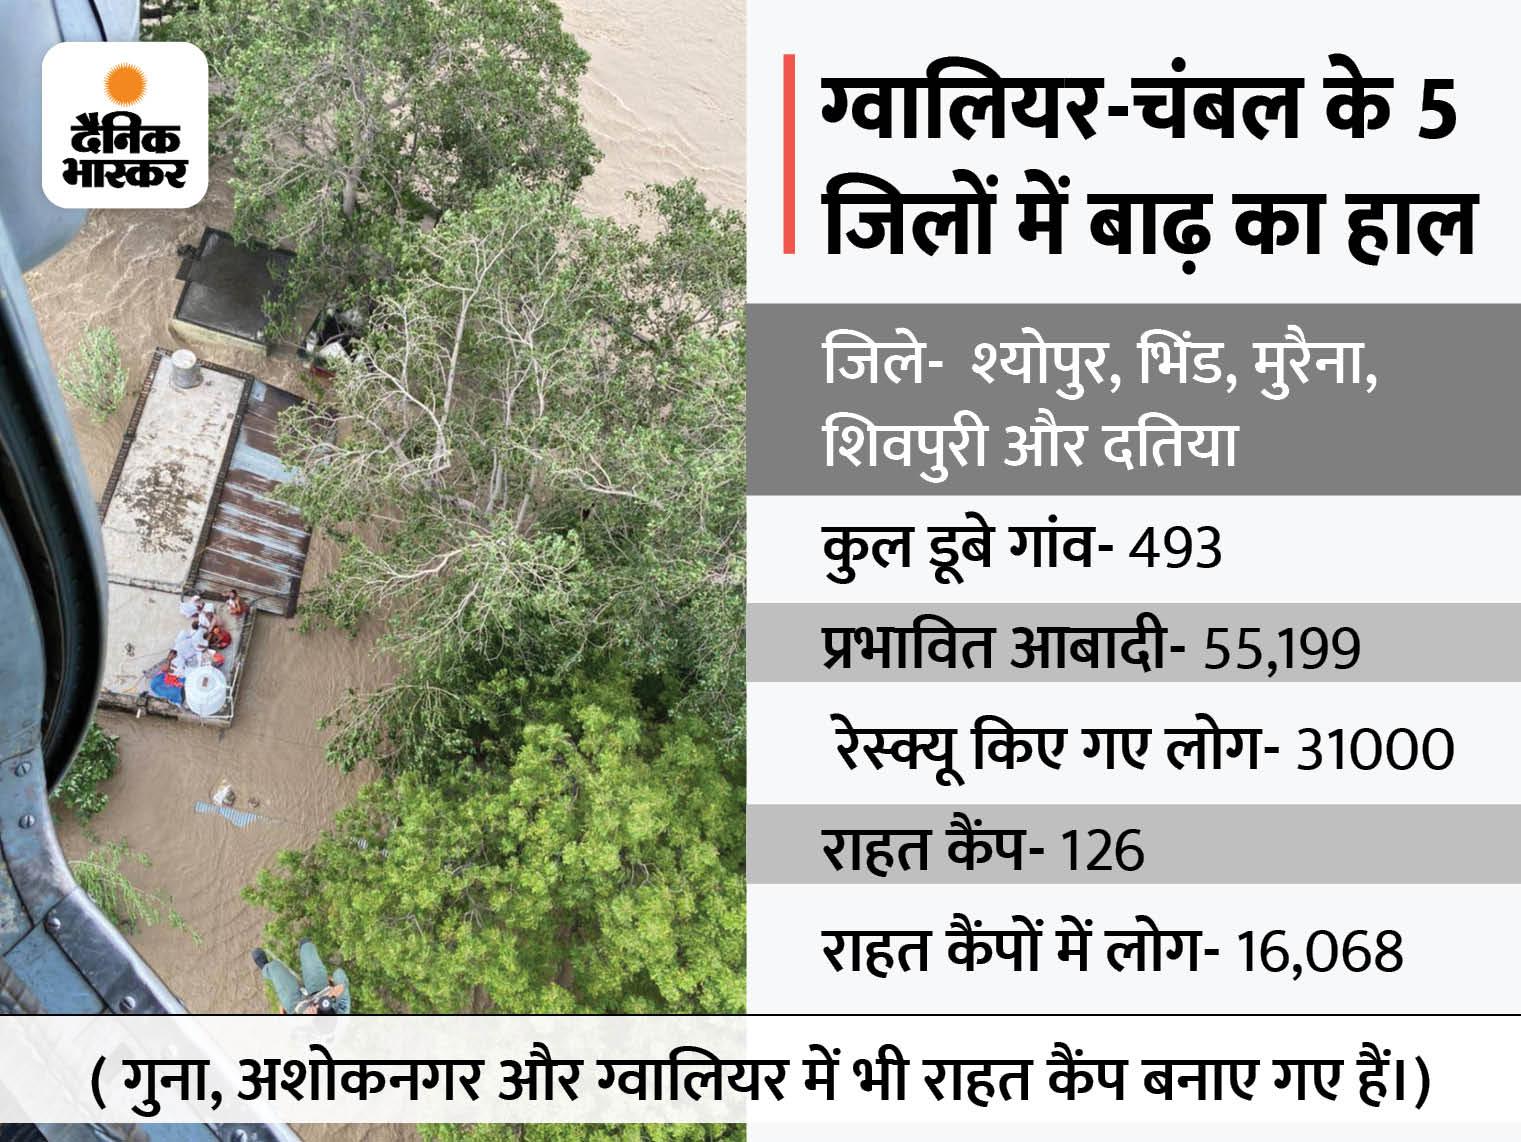 सिंध का पानी उतरने से शिवपुरी में राहत, अब पूरा फोकस भिंड-मुरैना पर; 5 दिन में 493 गांवों से 31 हजार को रेस्क्यू किया, 126 राहत कैंप में 16 हजार लोग|मध्य प्रदेश,Madhya Pradesh - Dainik Bhaskar